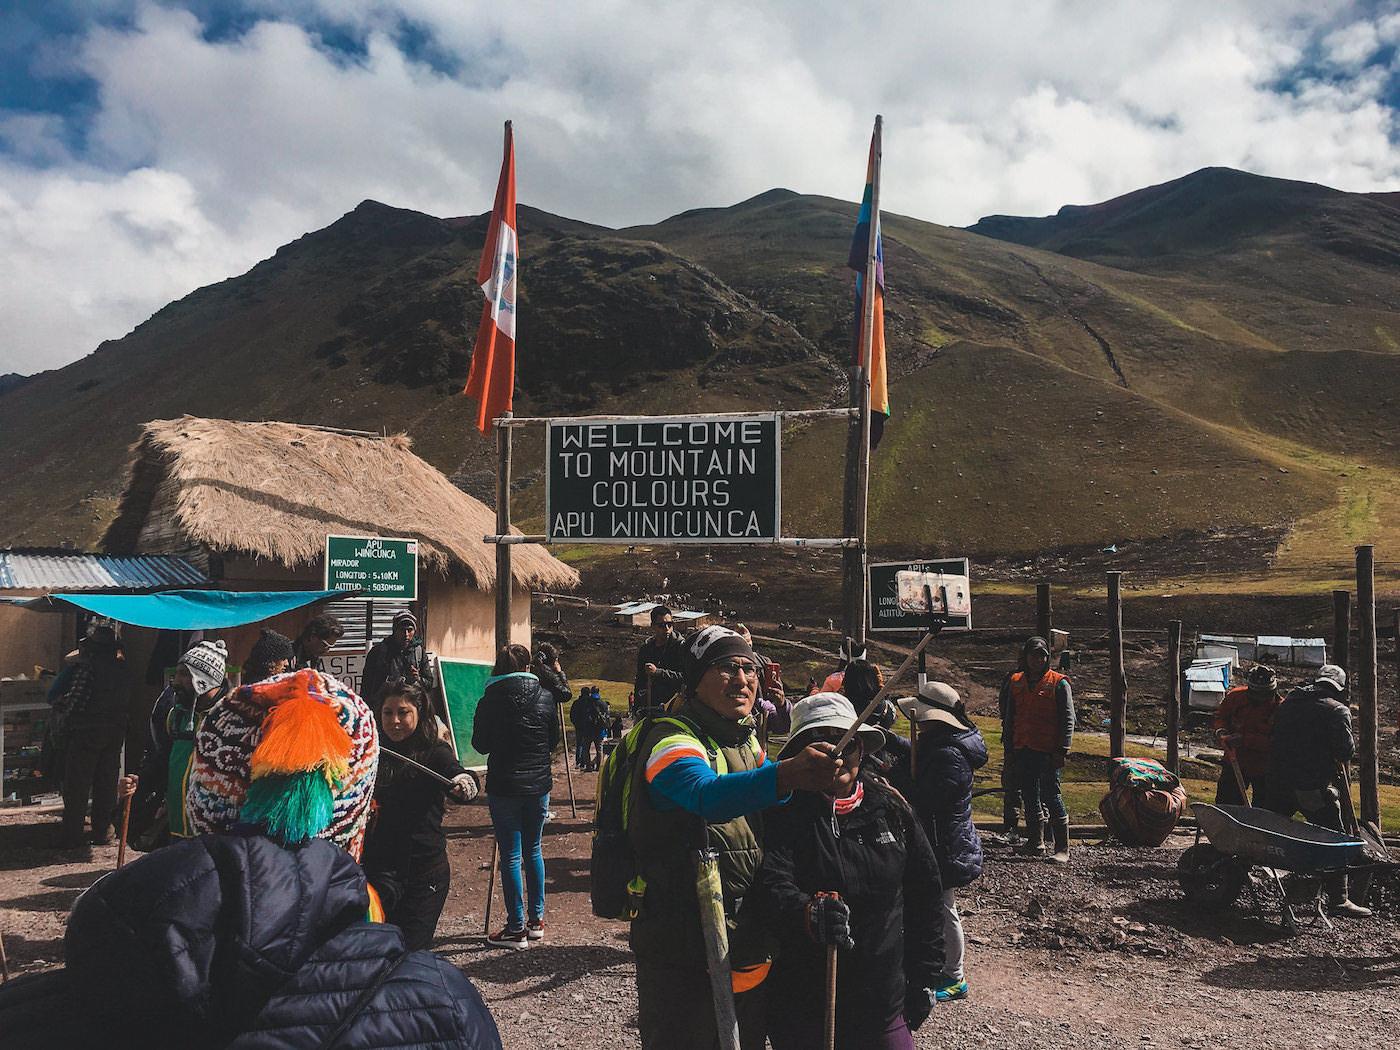 Wejście na szlak do tęczowej góry